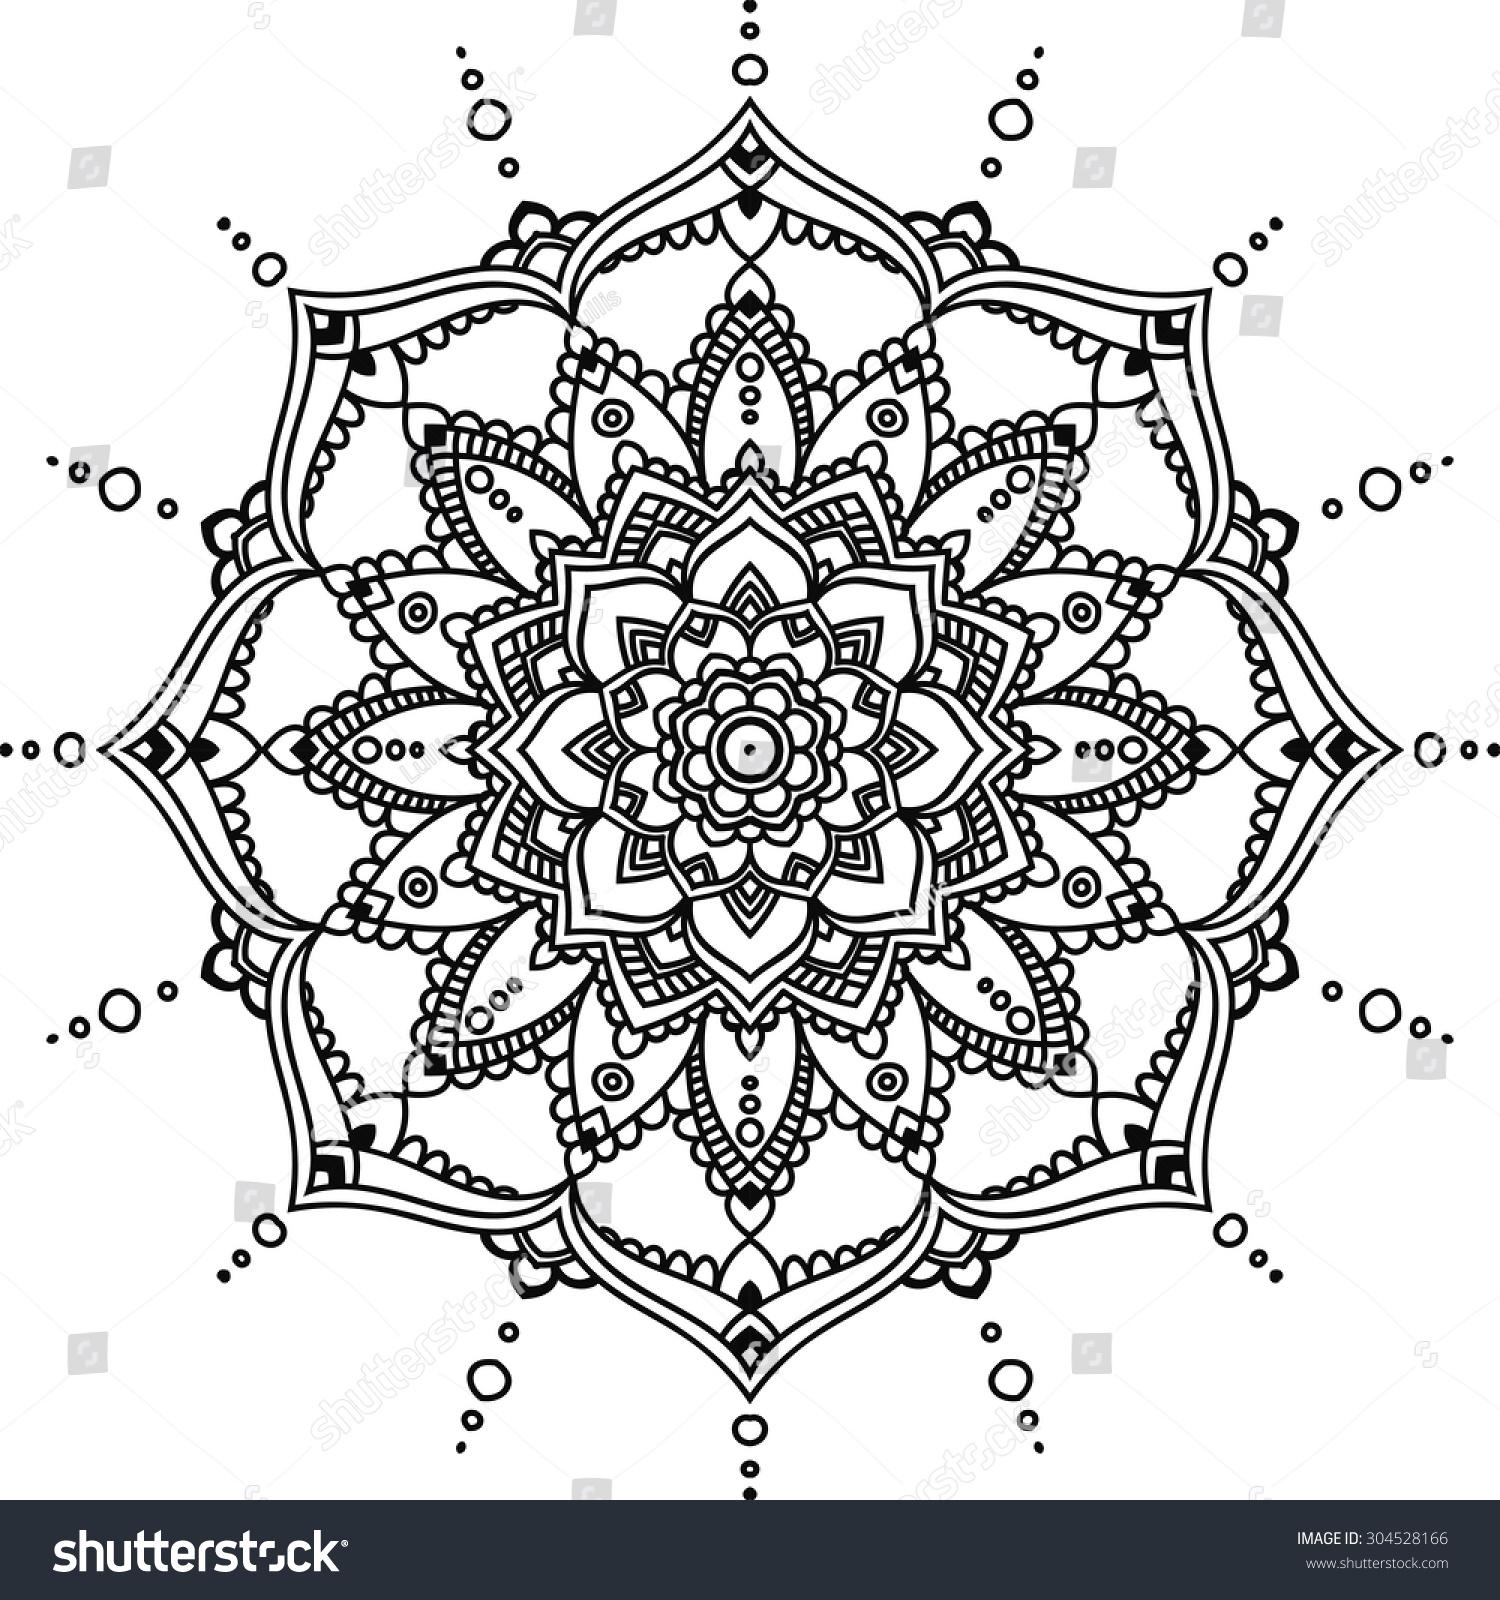 Simple Mandala Black Indian On The White Background